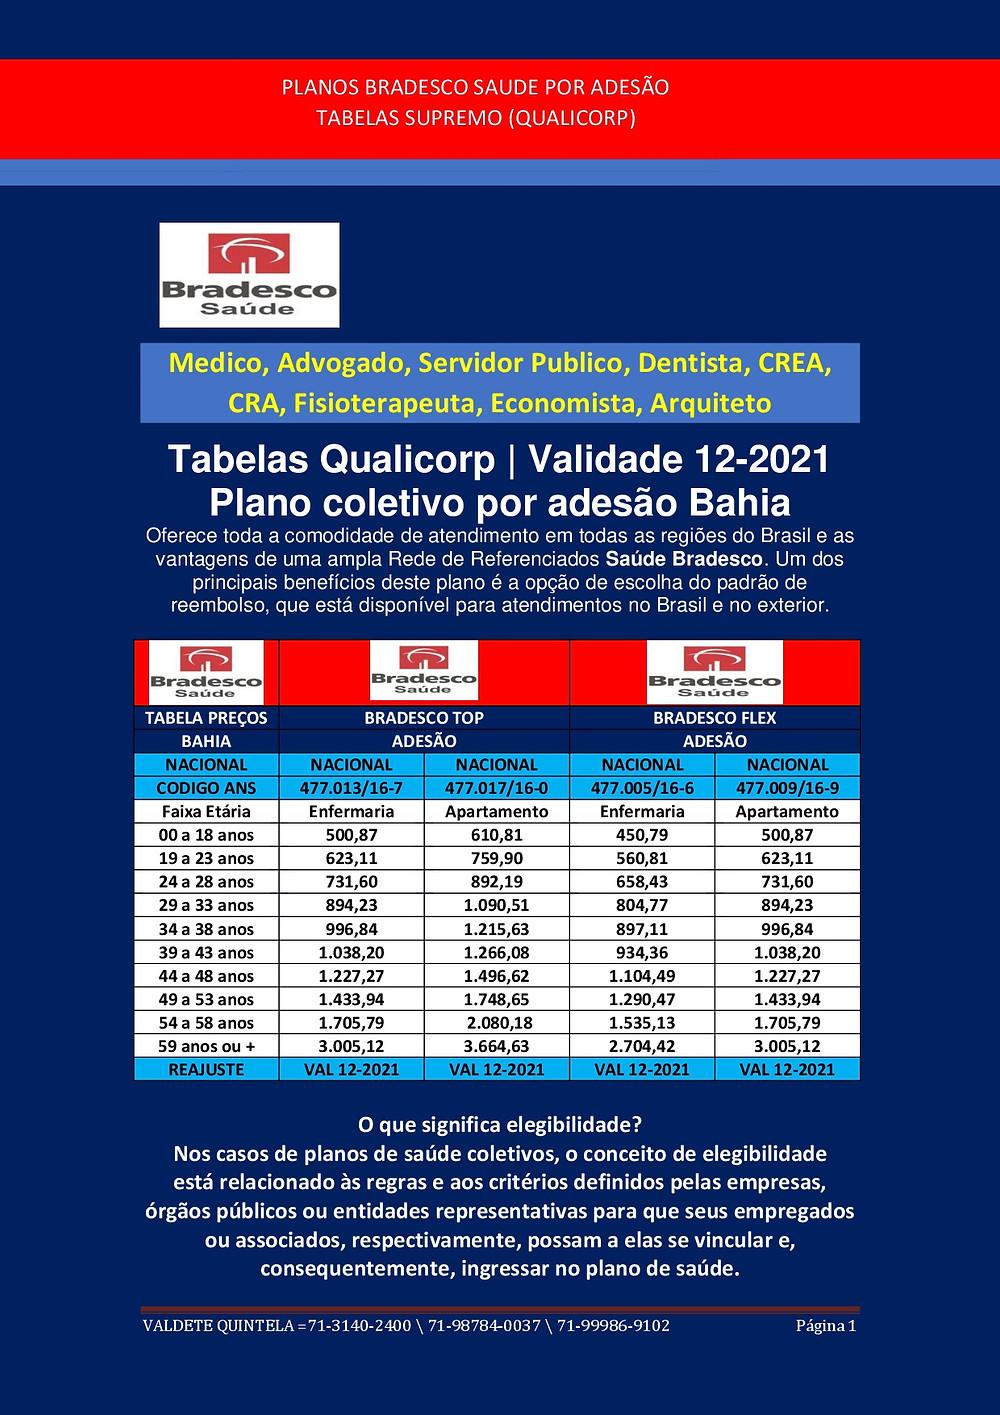 Planos para CRA-BA - Plano de Saude Coletivo por Adesão Bahia